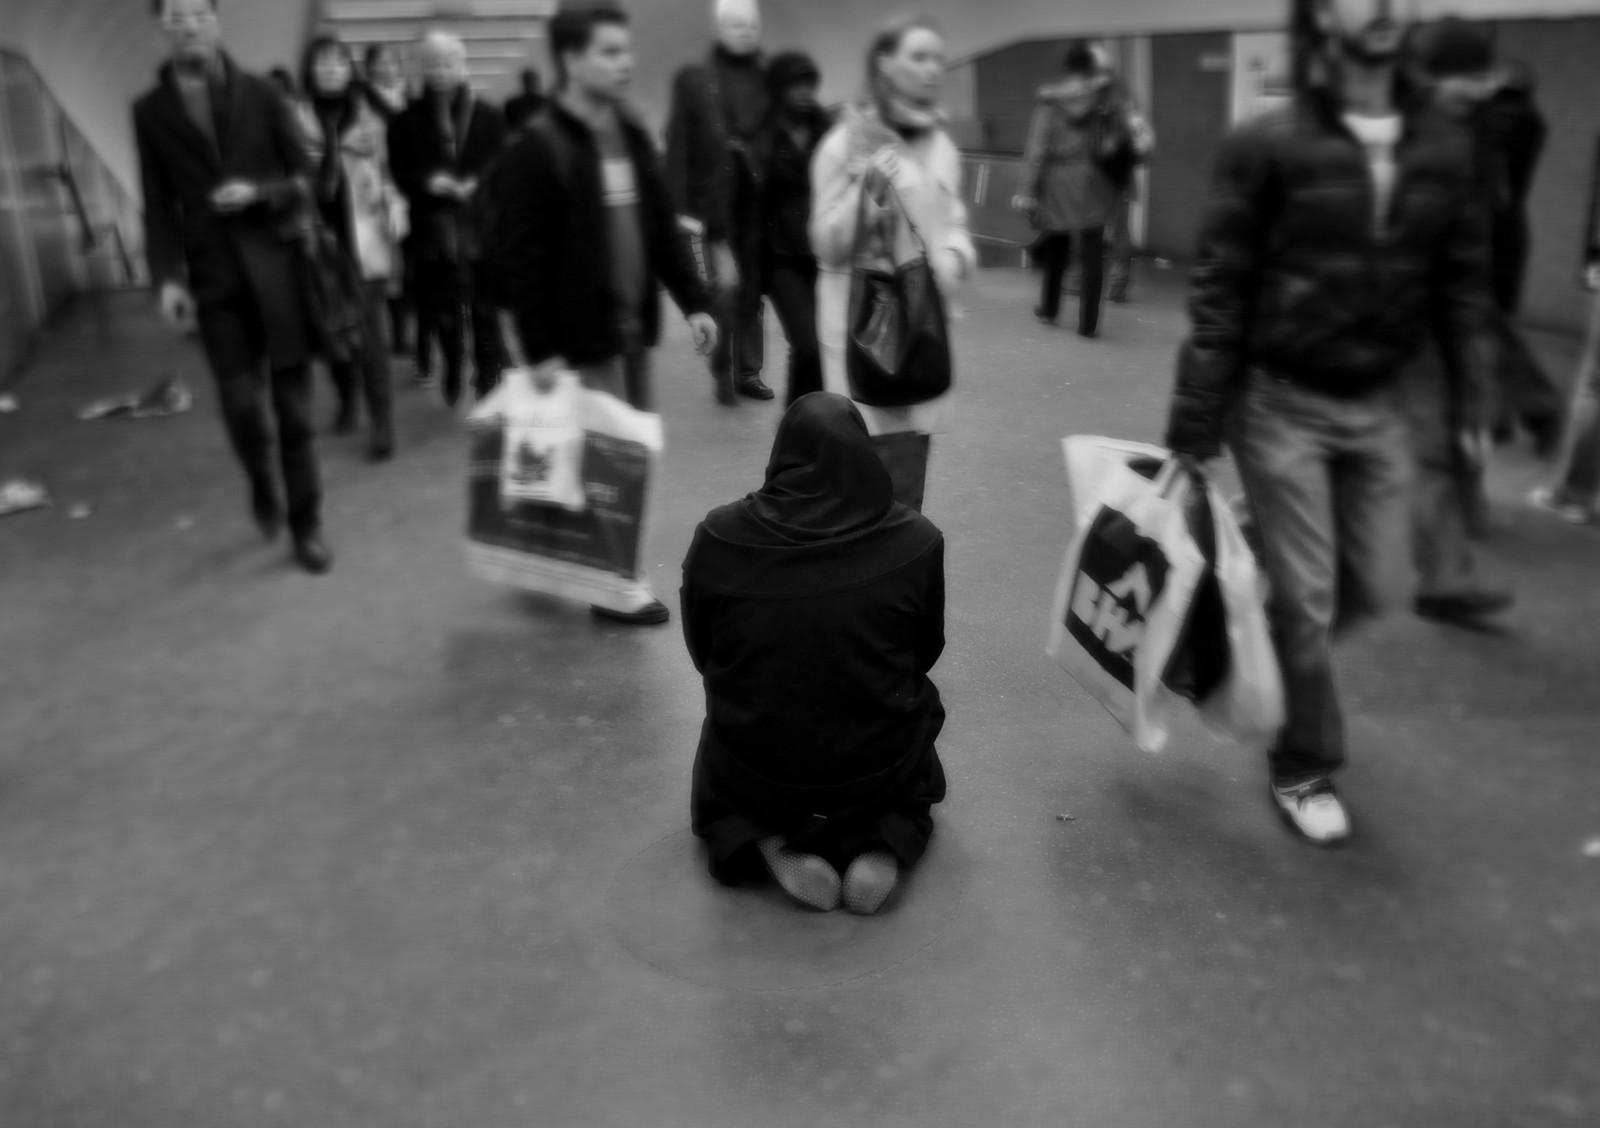 23-Dec-2009-Les-Halles-1